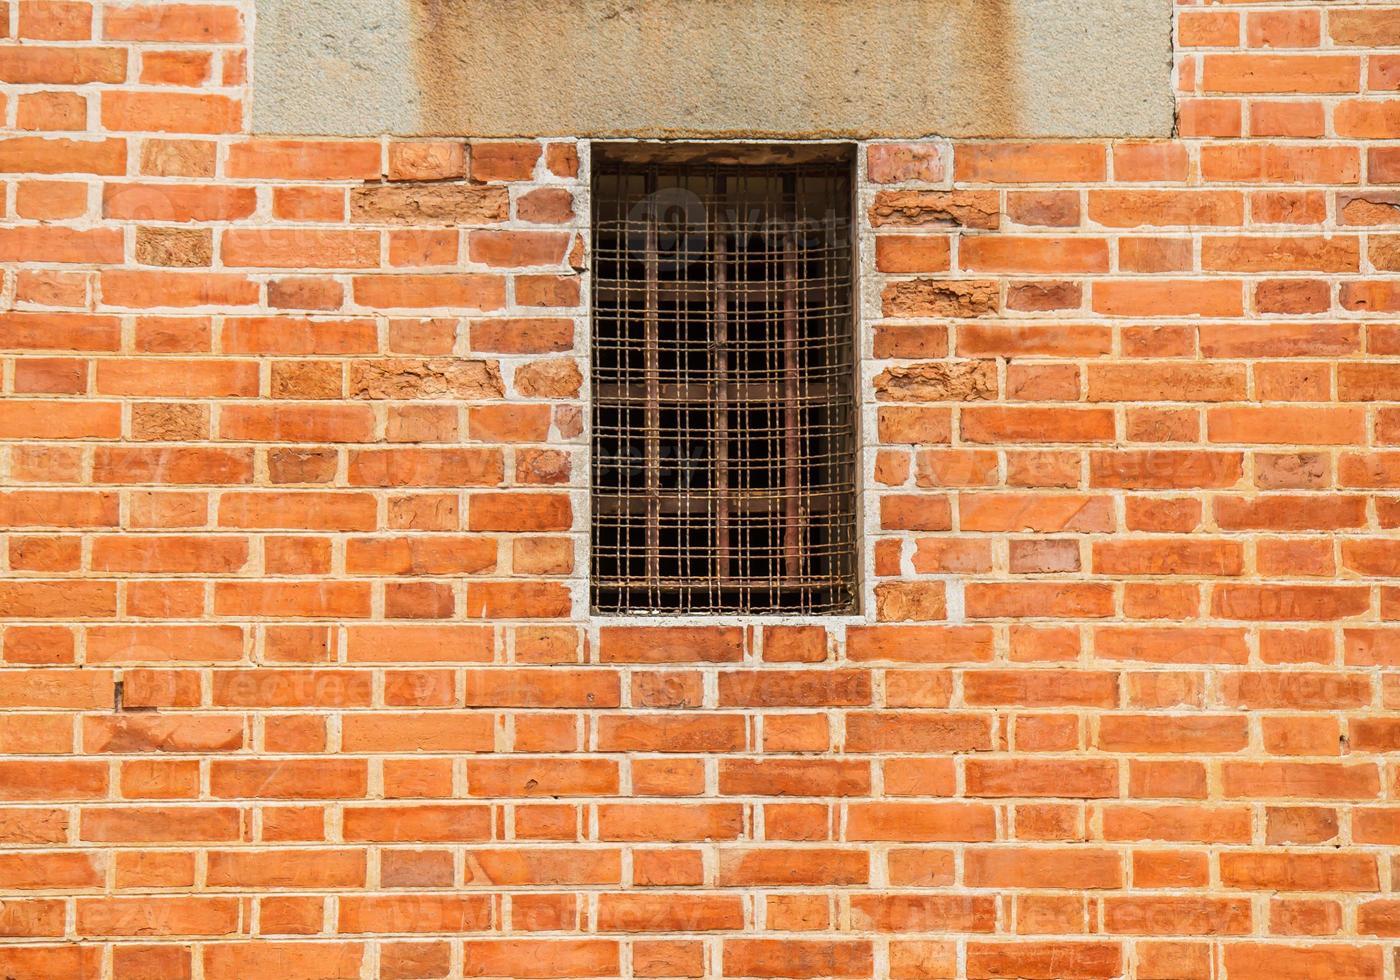 järnfönster på tegelvägg foto